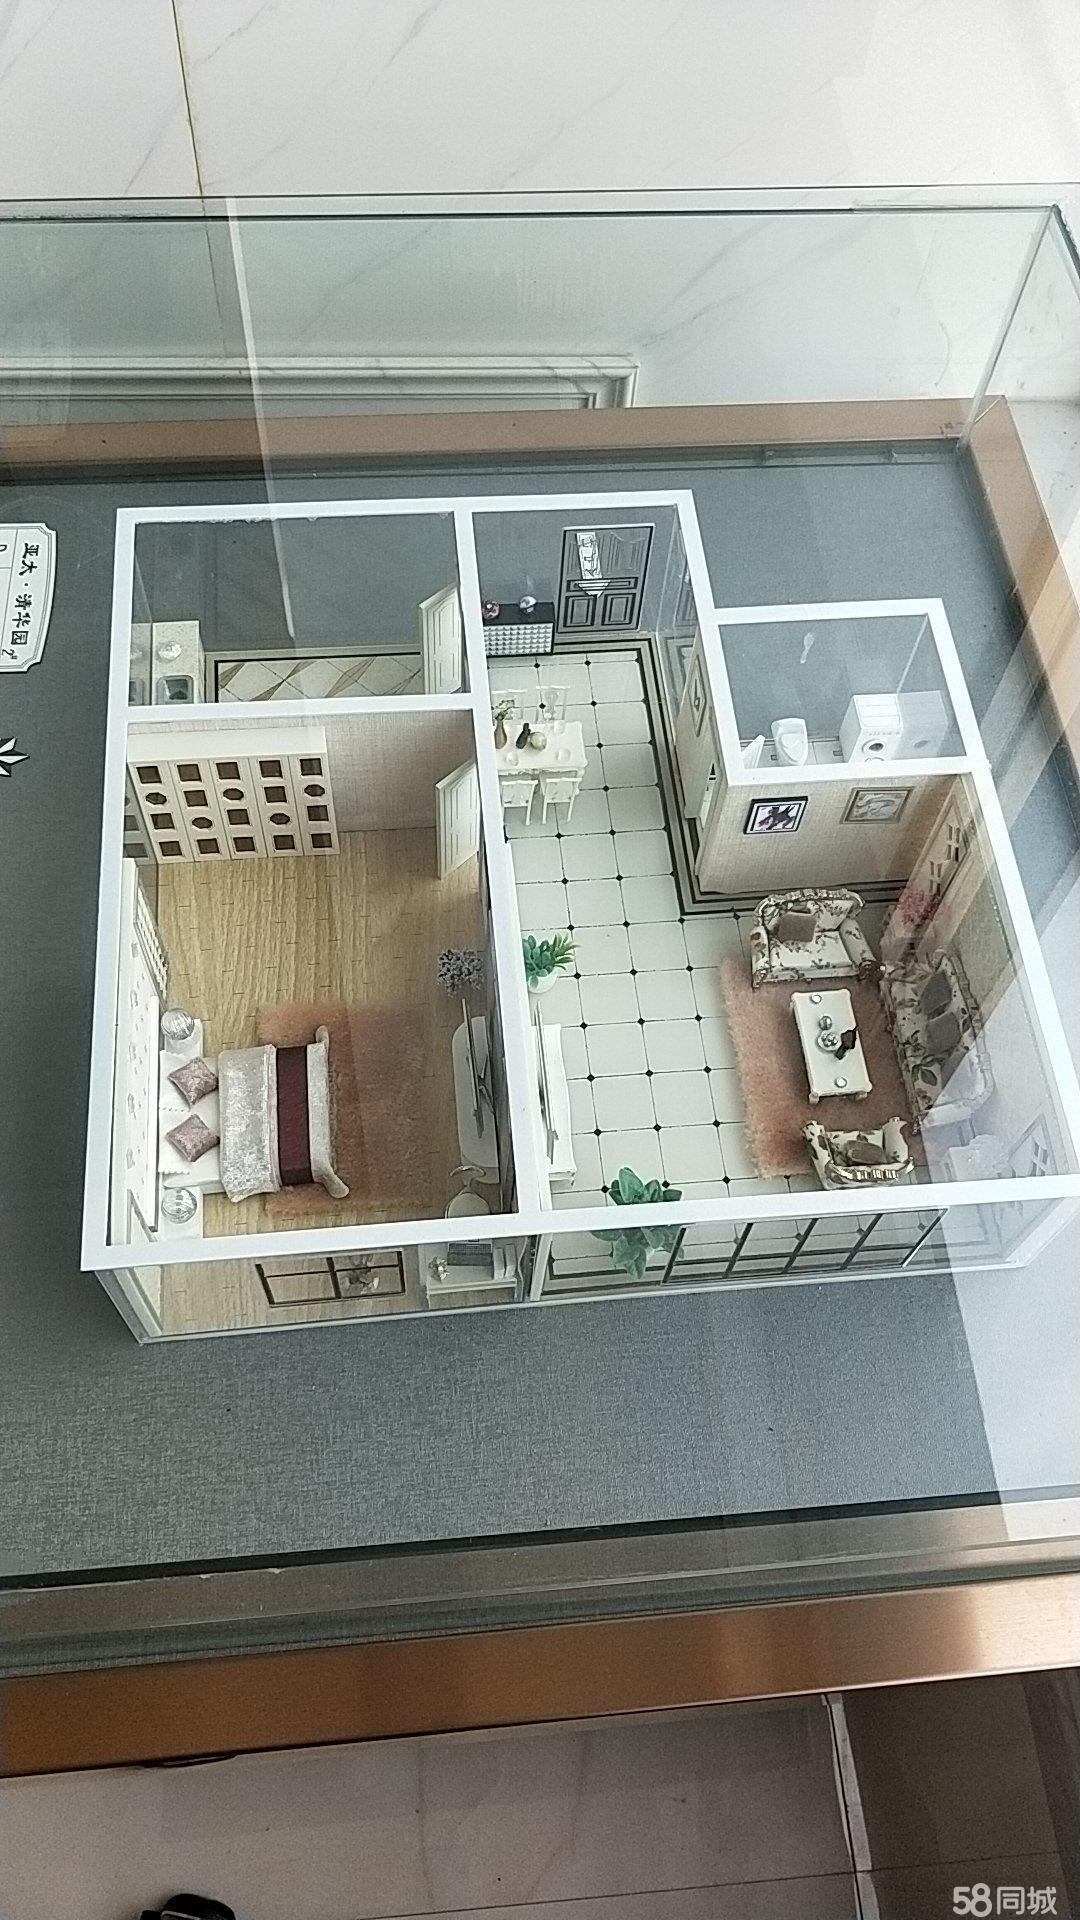 西關新樓盤出售,首付12萬住兩室